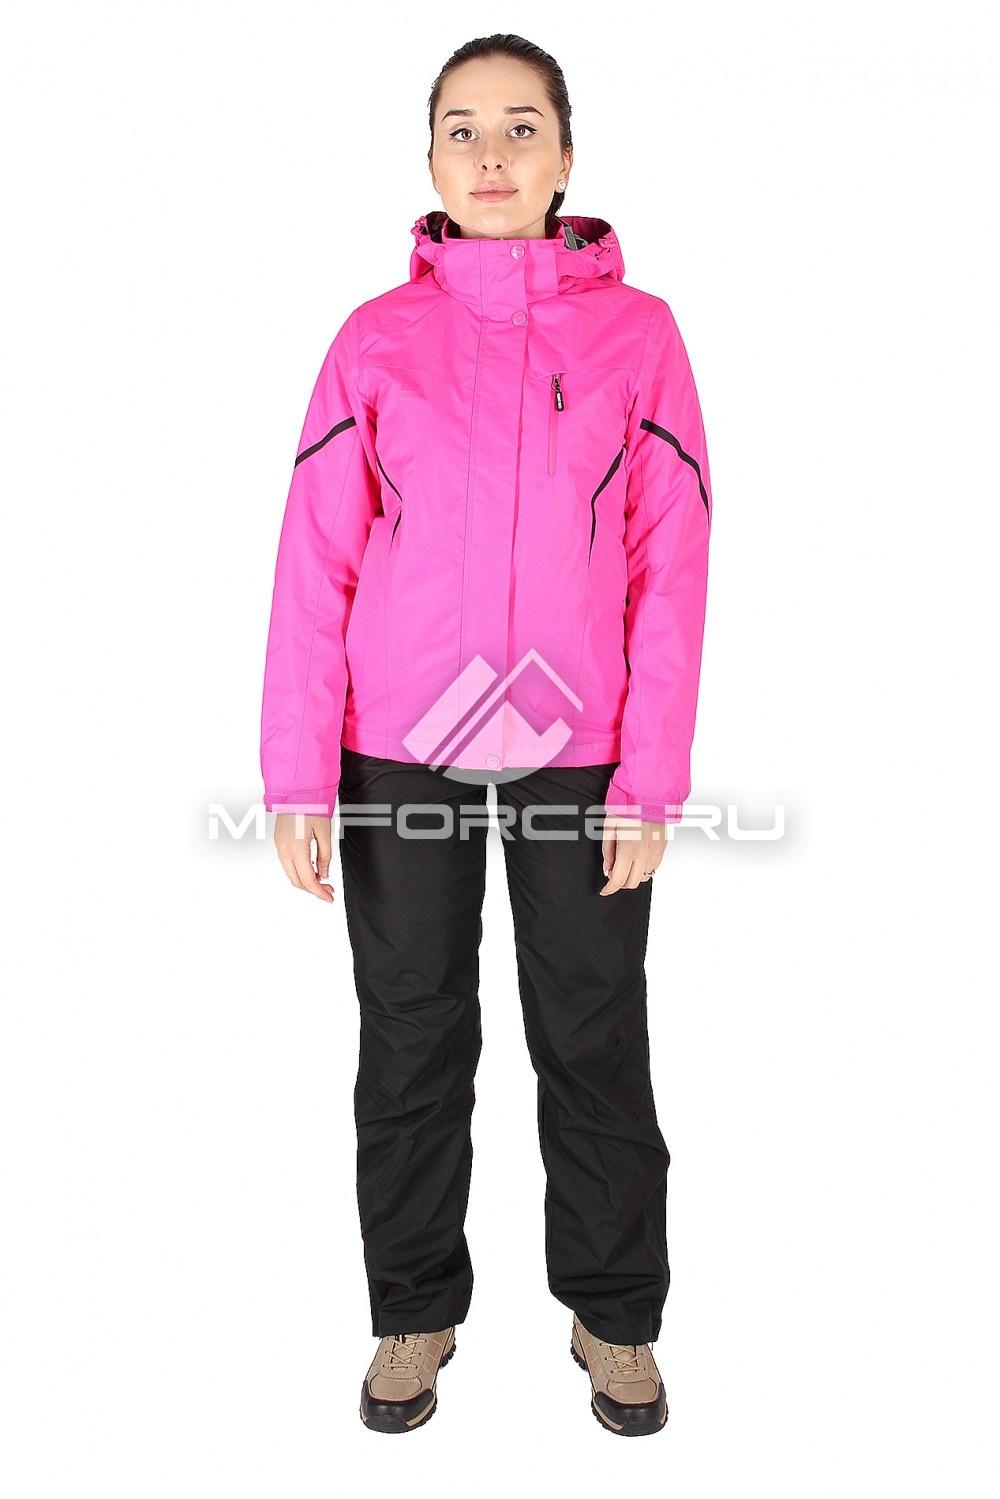 Купить  оптом Костюм женский розового цвета 01615R